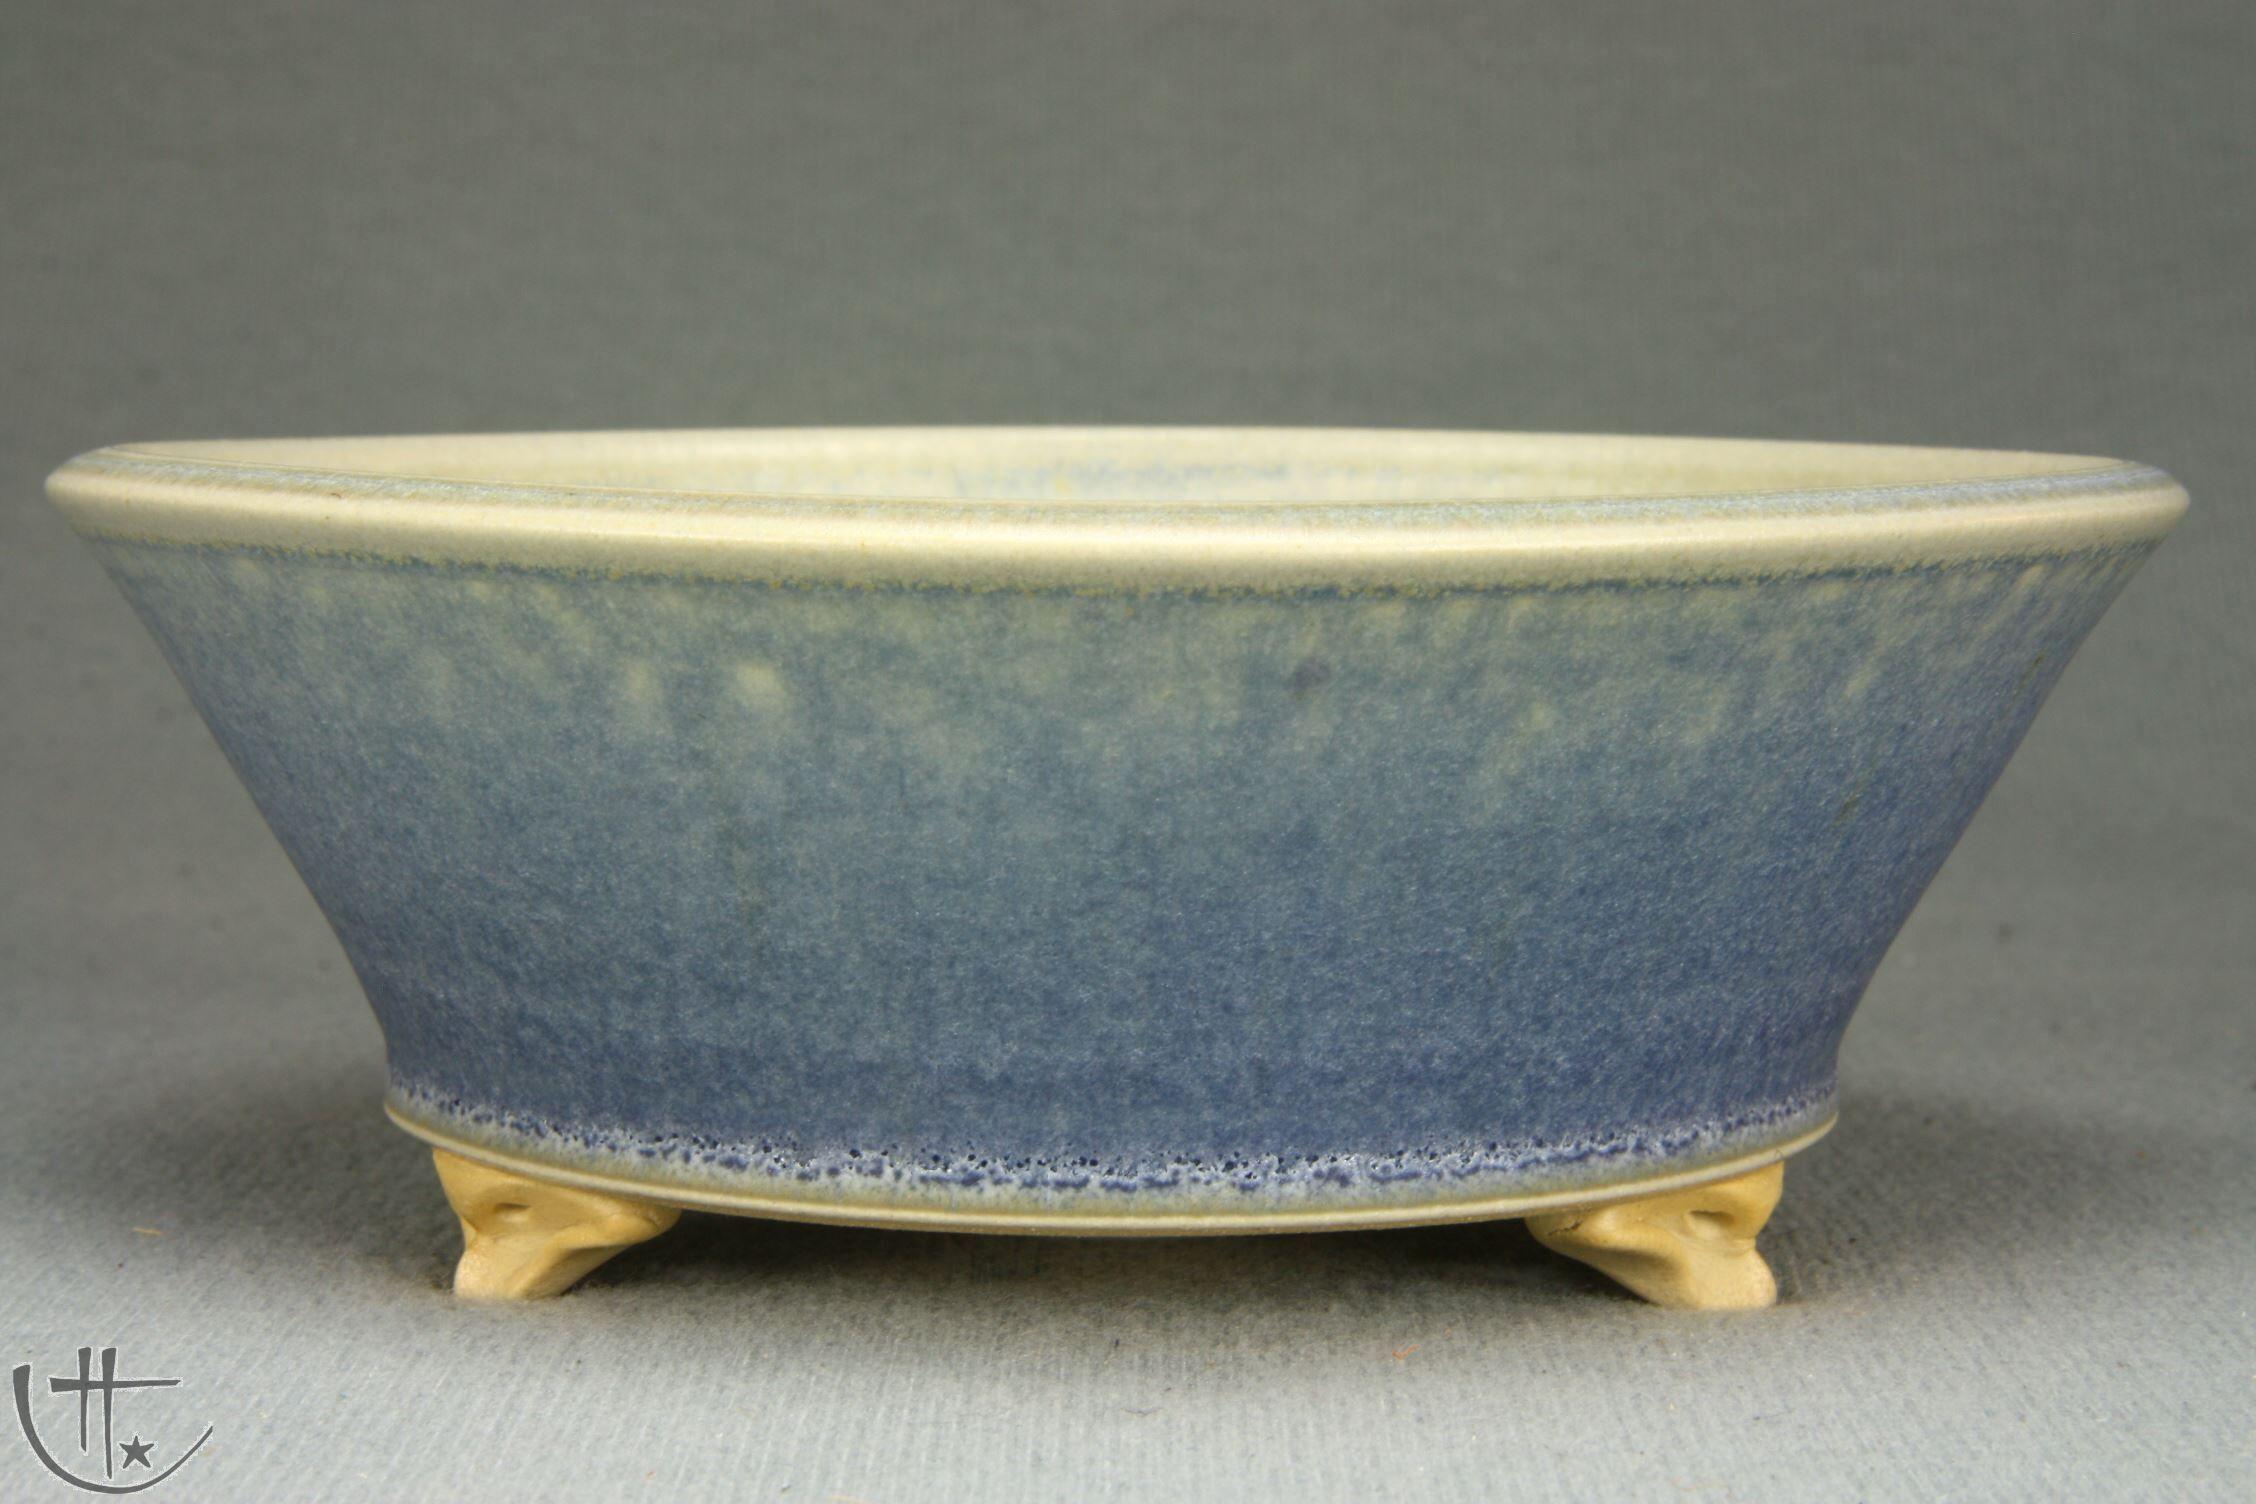 Bonsai Pot Ø 16,5 cm Potter: Roman Husmann